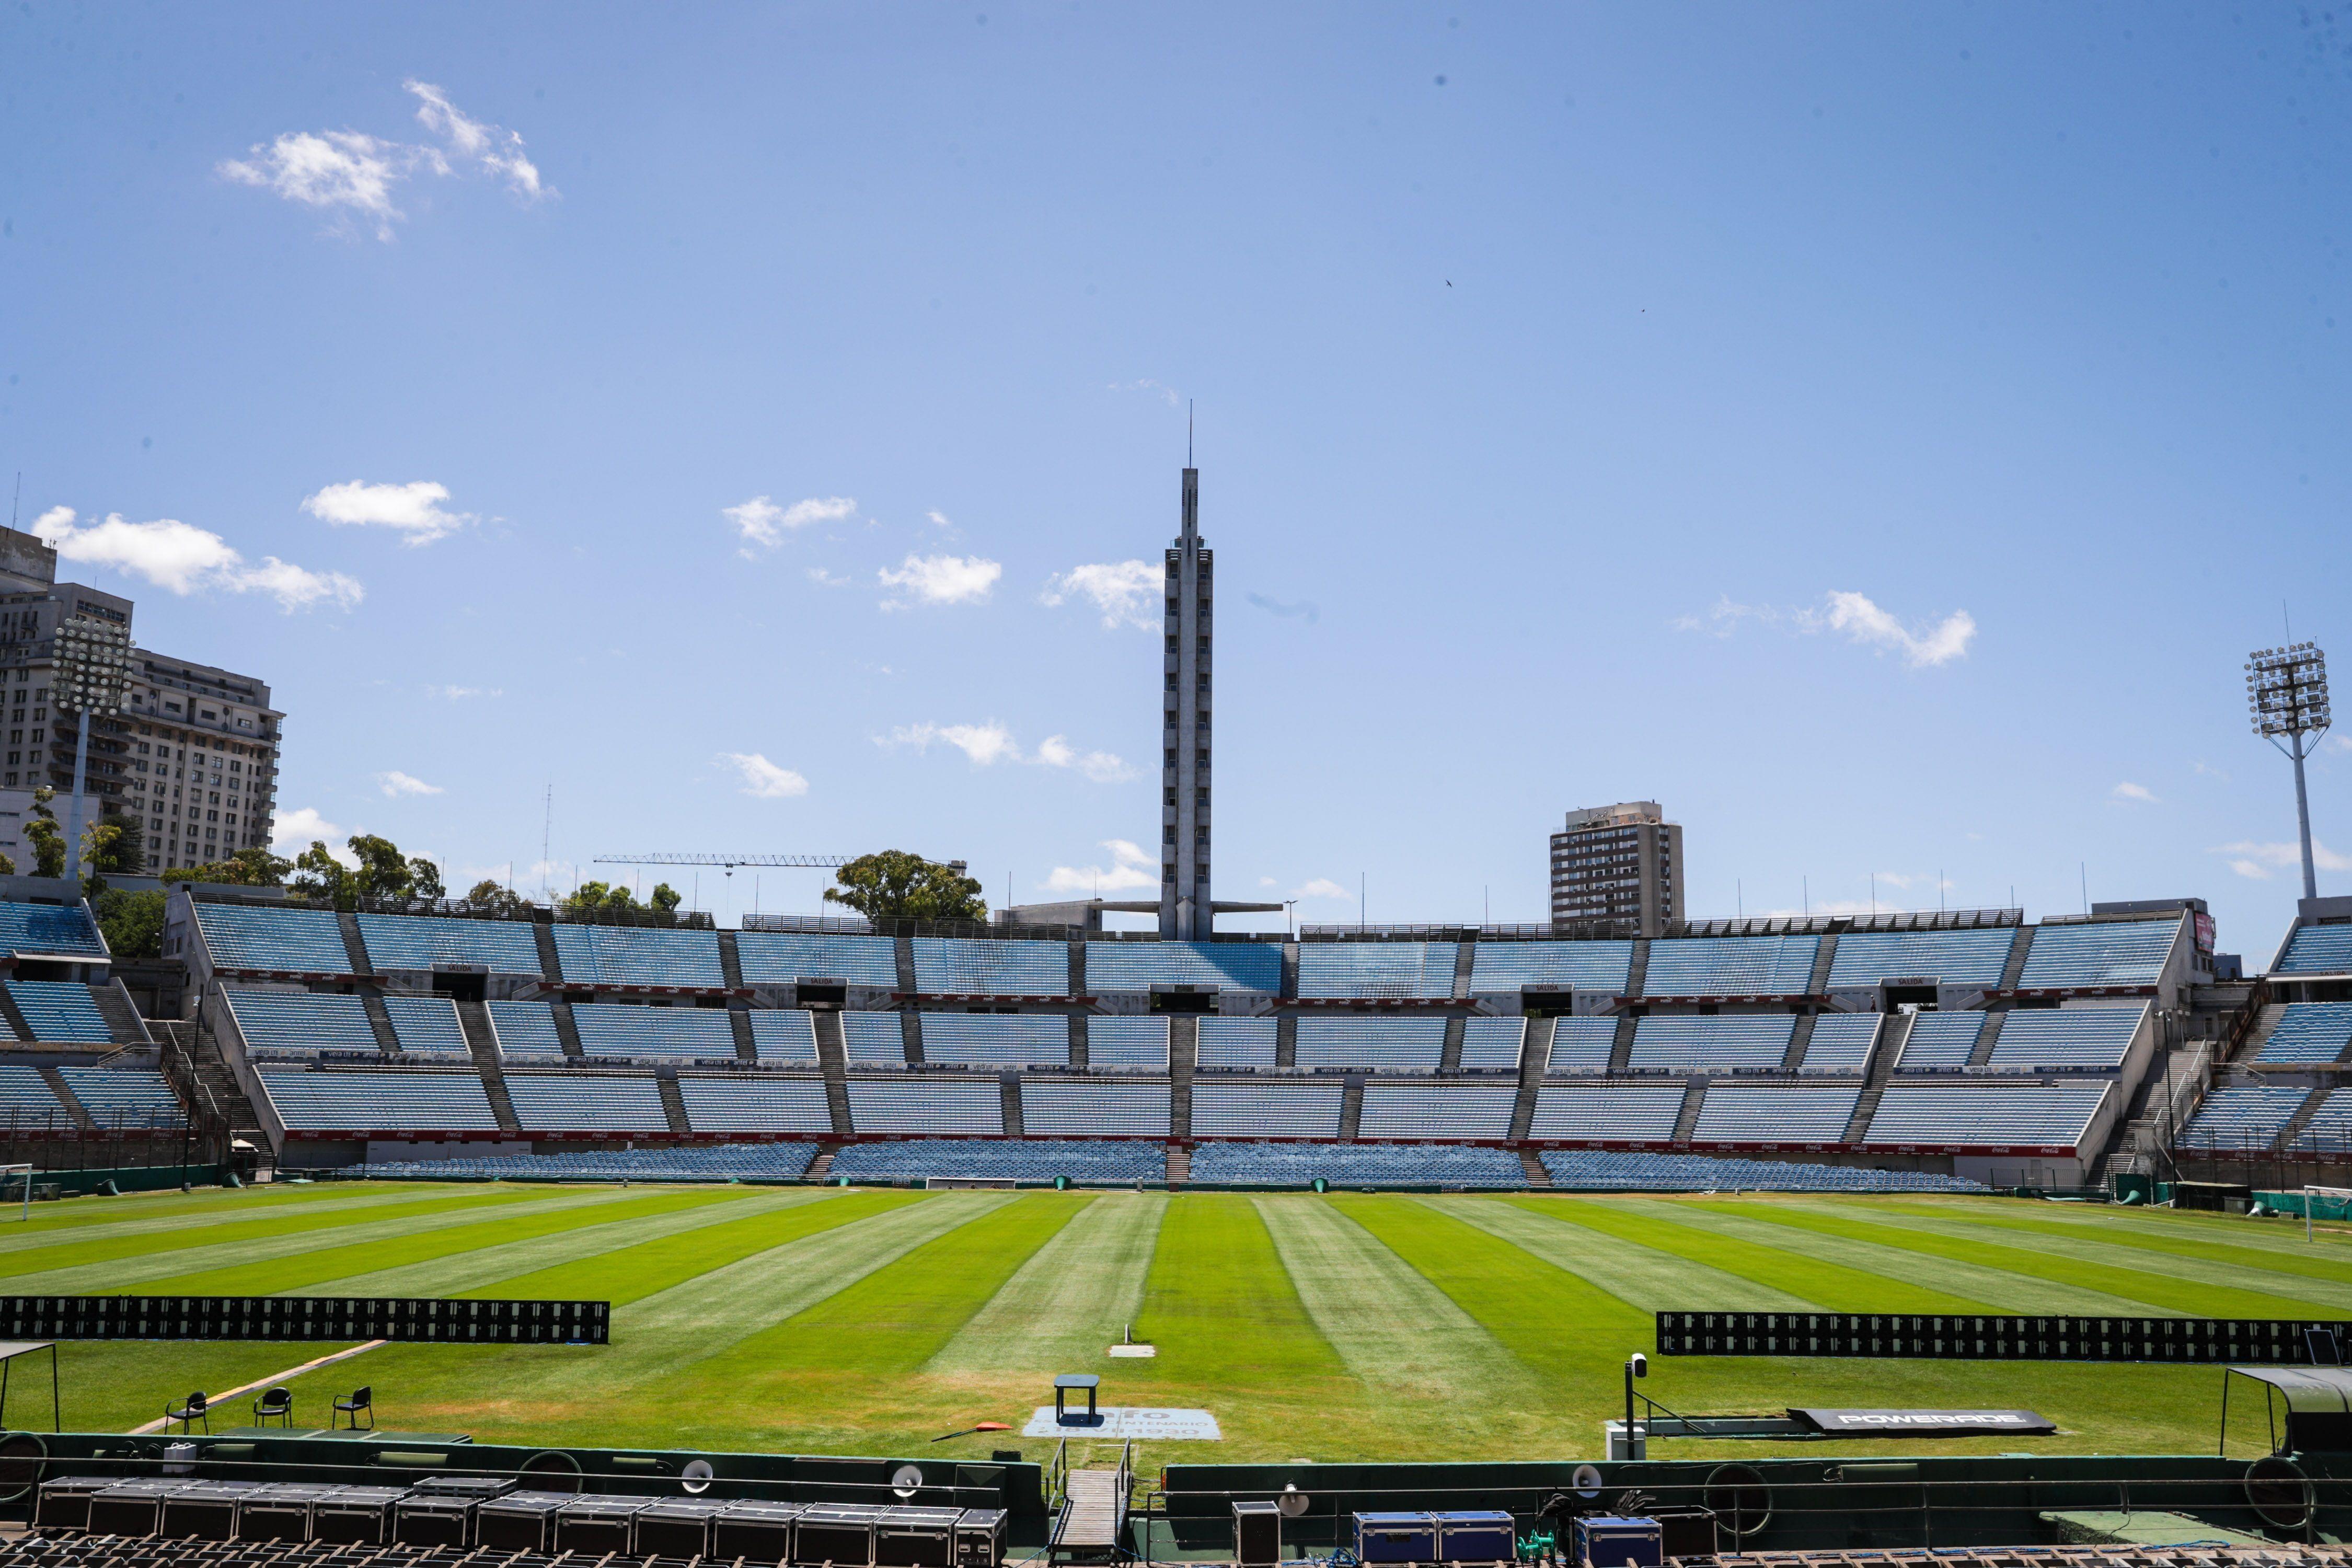 El estadio Centenario de Montevideo albergerá tres finales de la Conmebol en noviembre